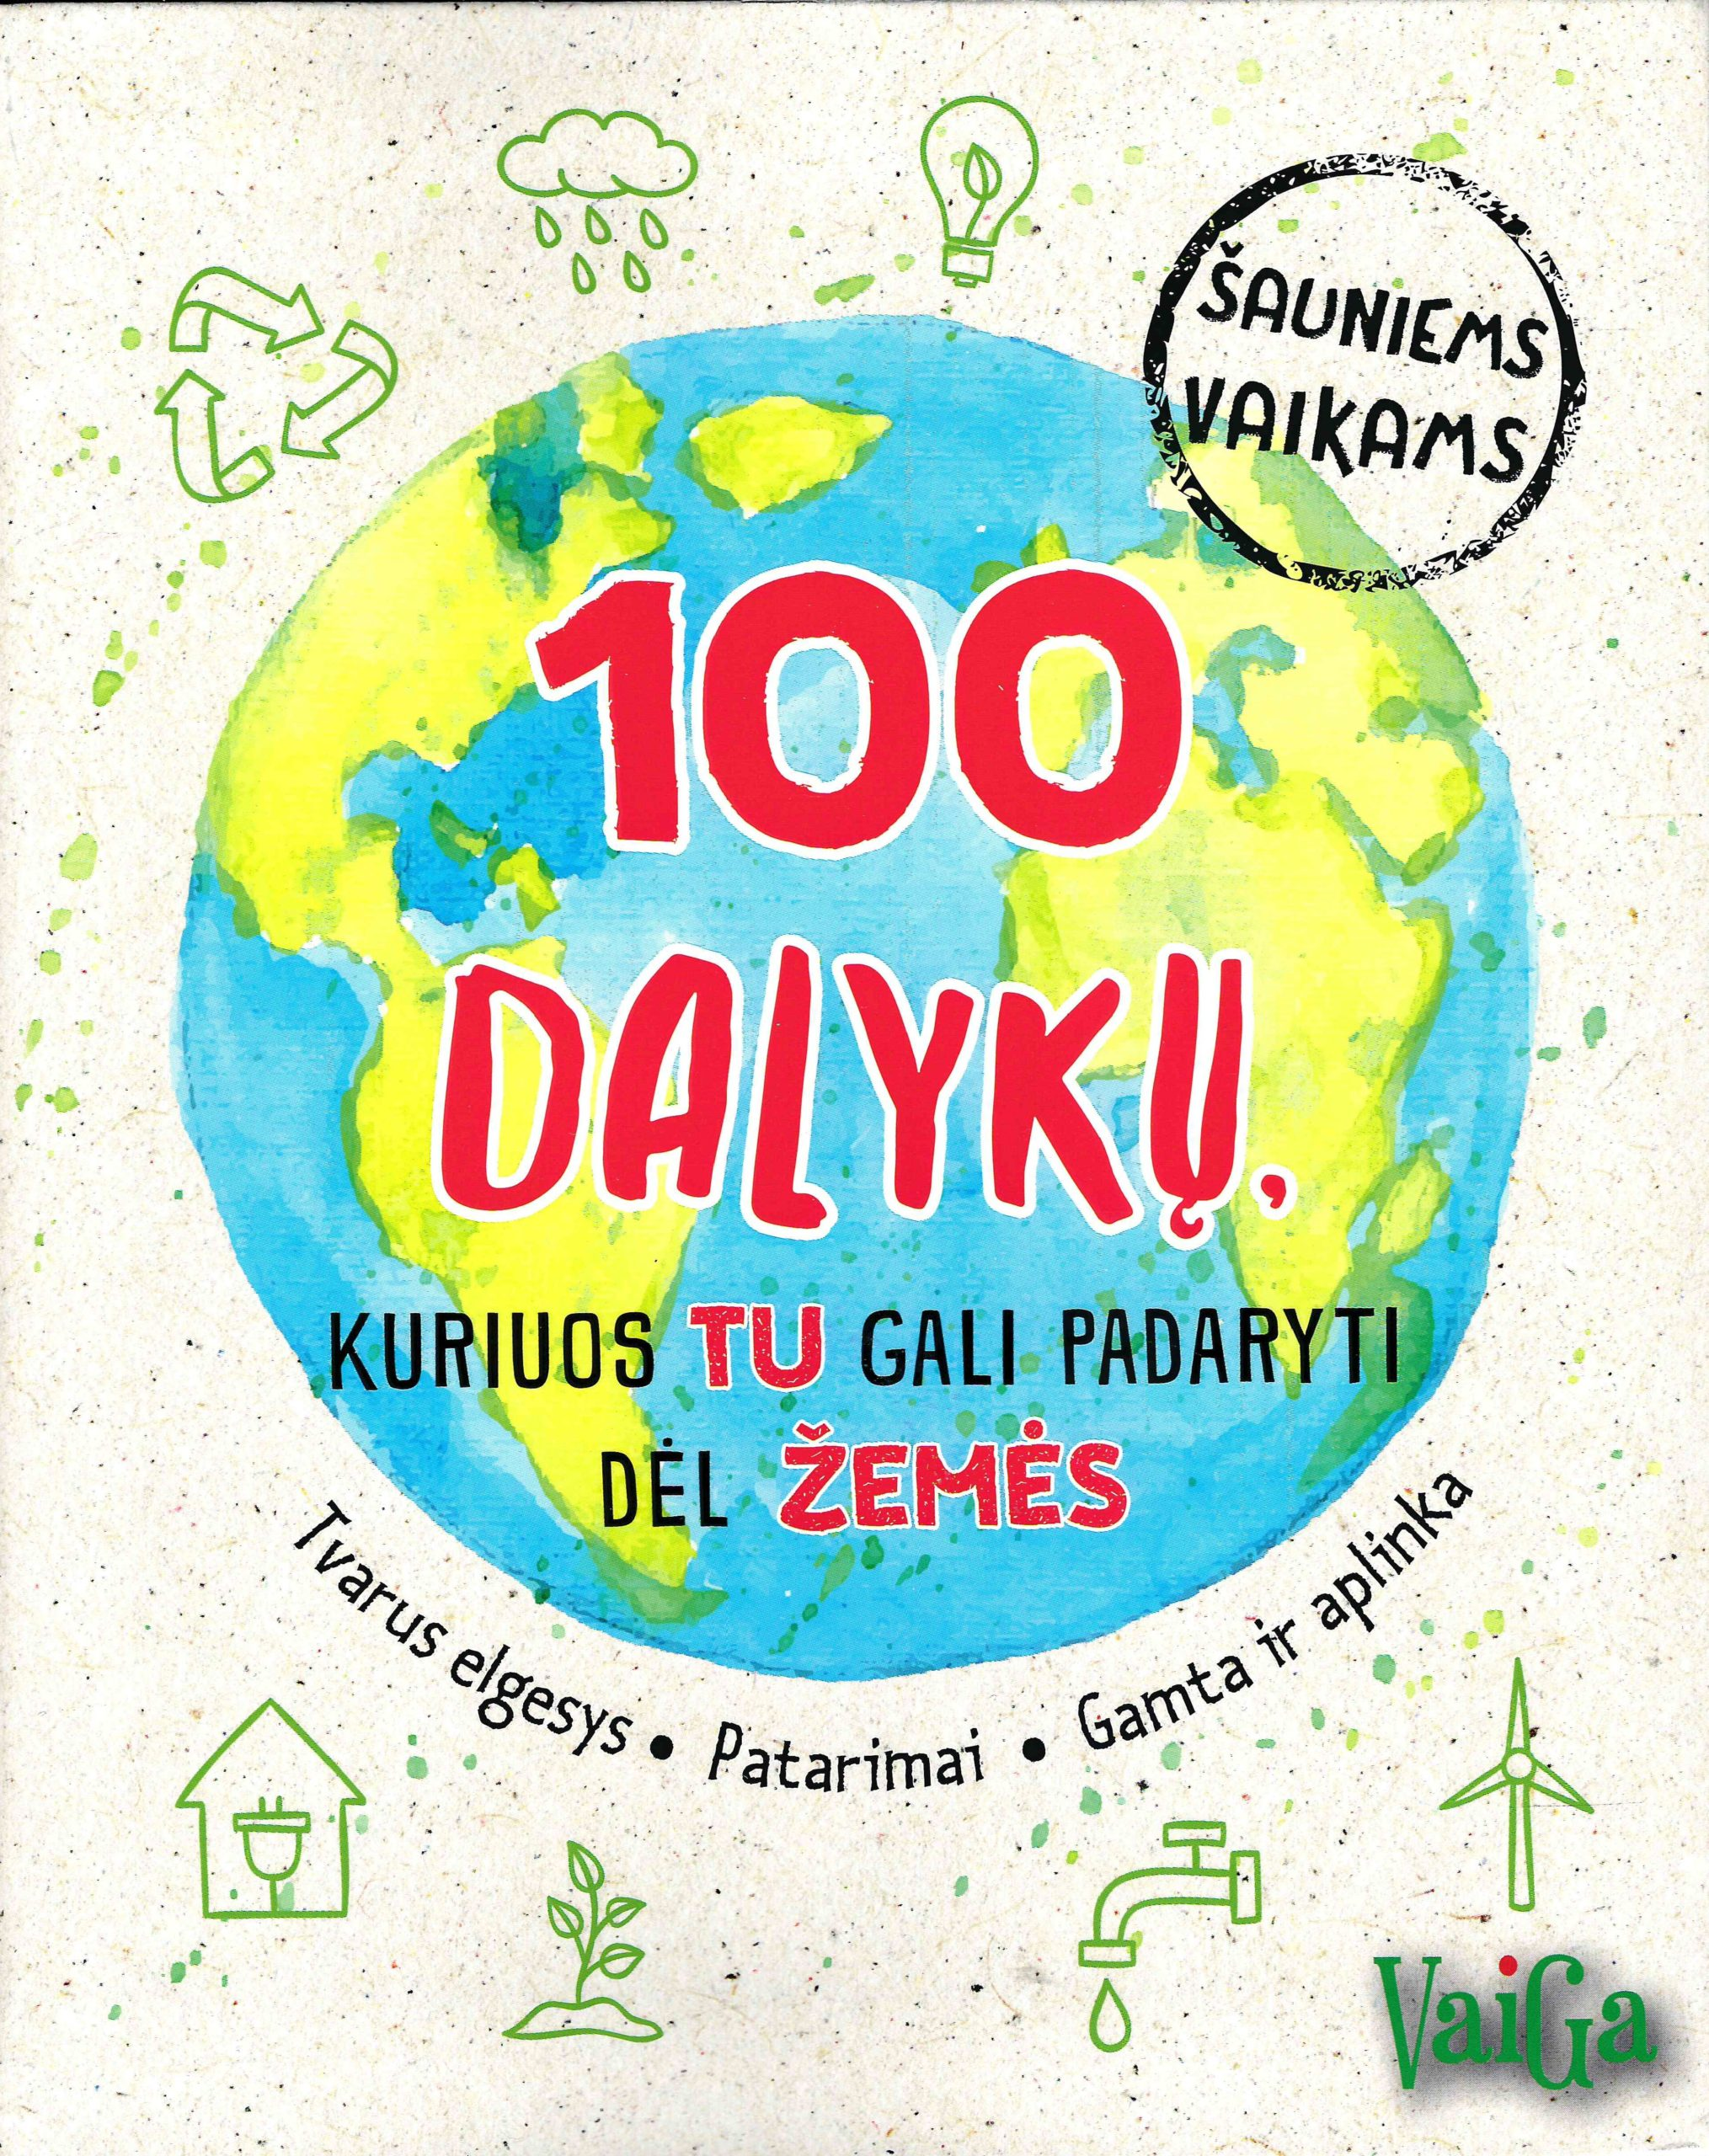 100 dalykų, kuriuos tu gali padaryti dėl Žemės